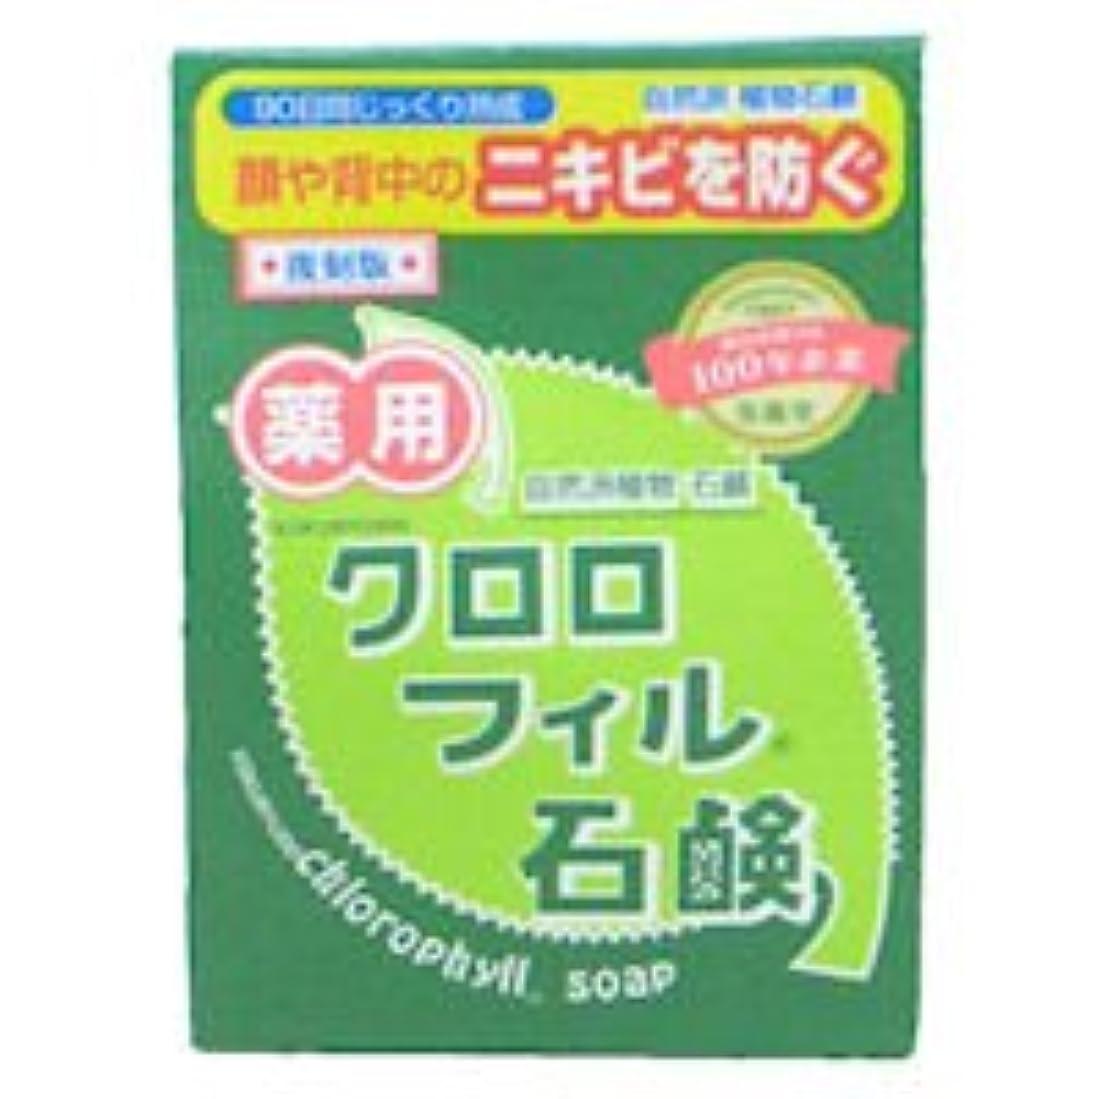 ほかに解くロータリー【黒龍堂】薬用 クロロフィル石鹸 85g